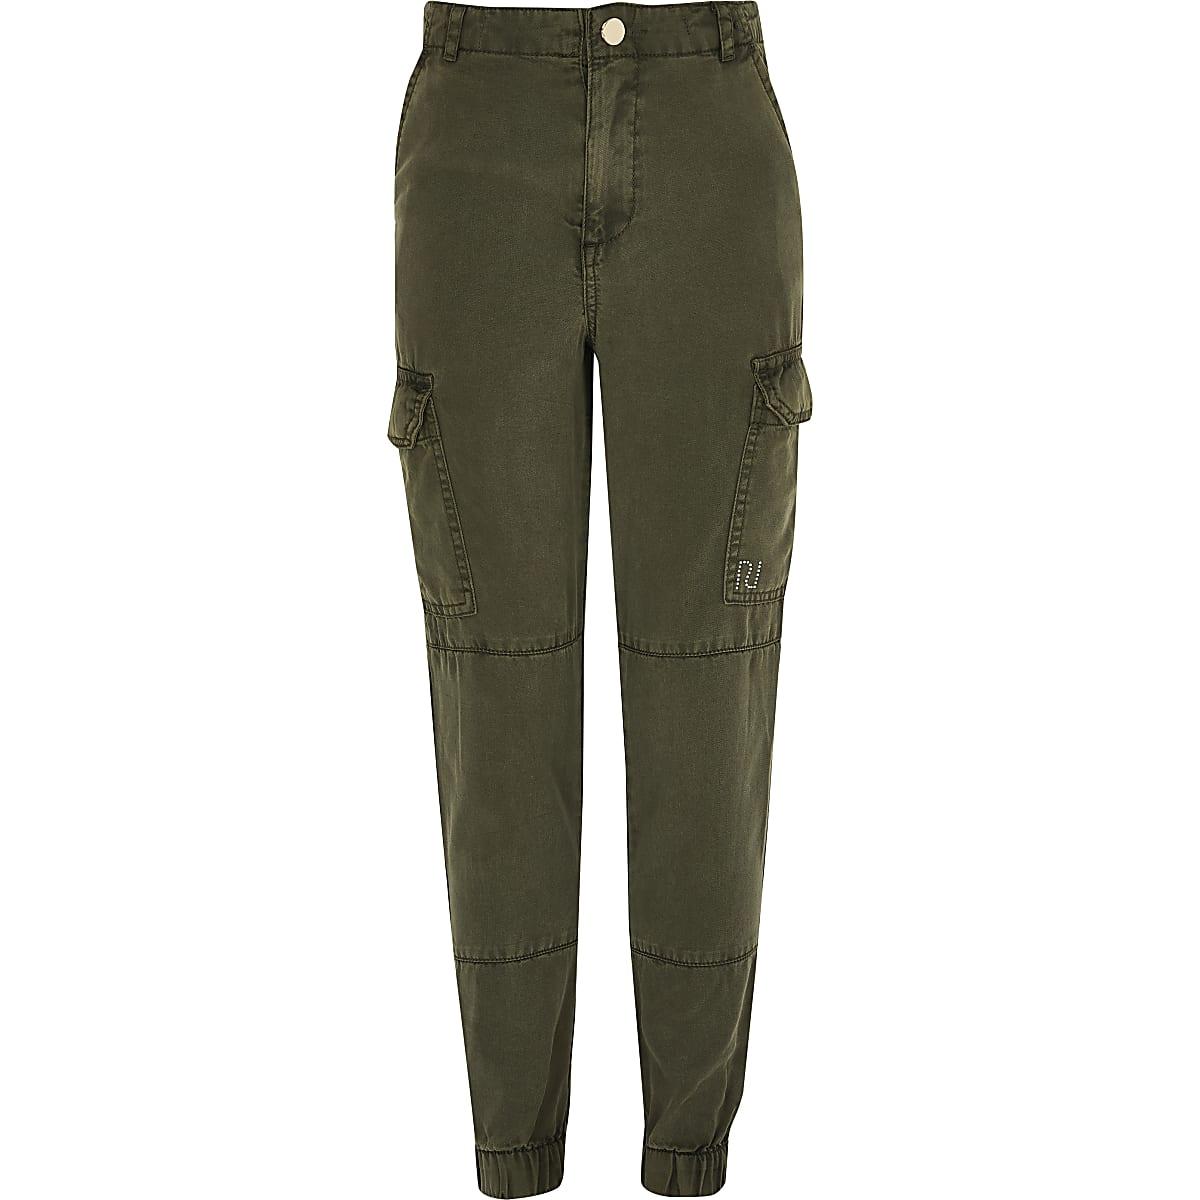 Girls khaki utility pants